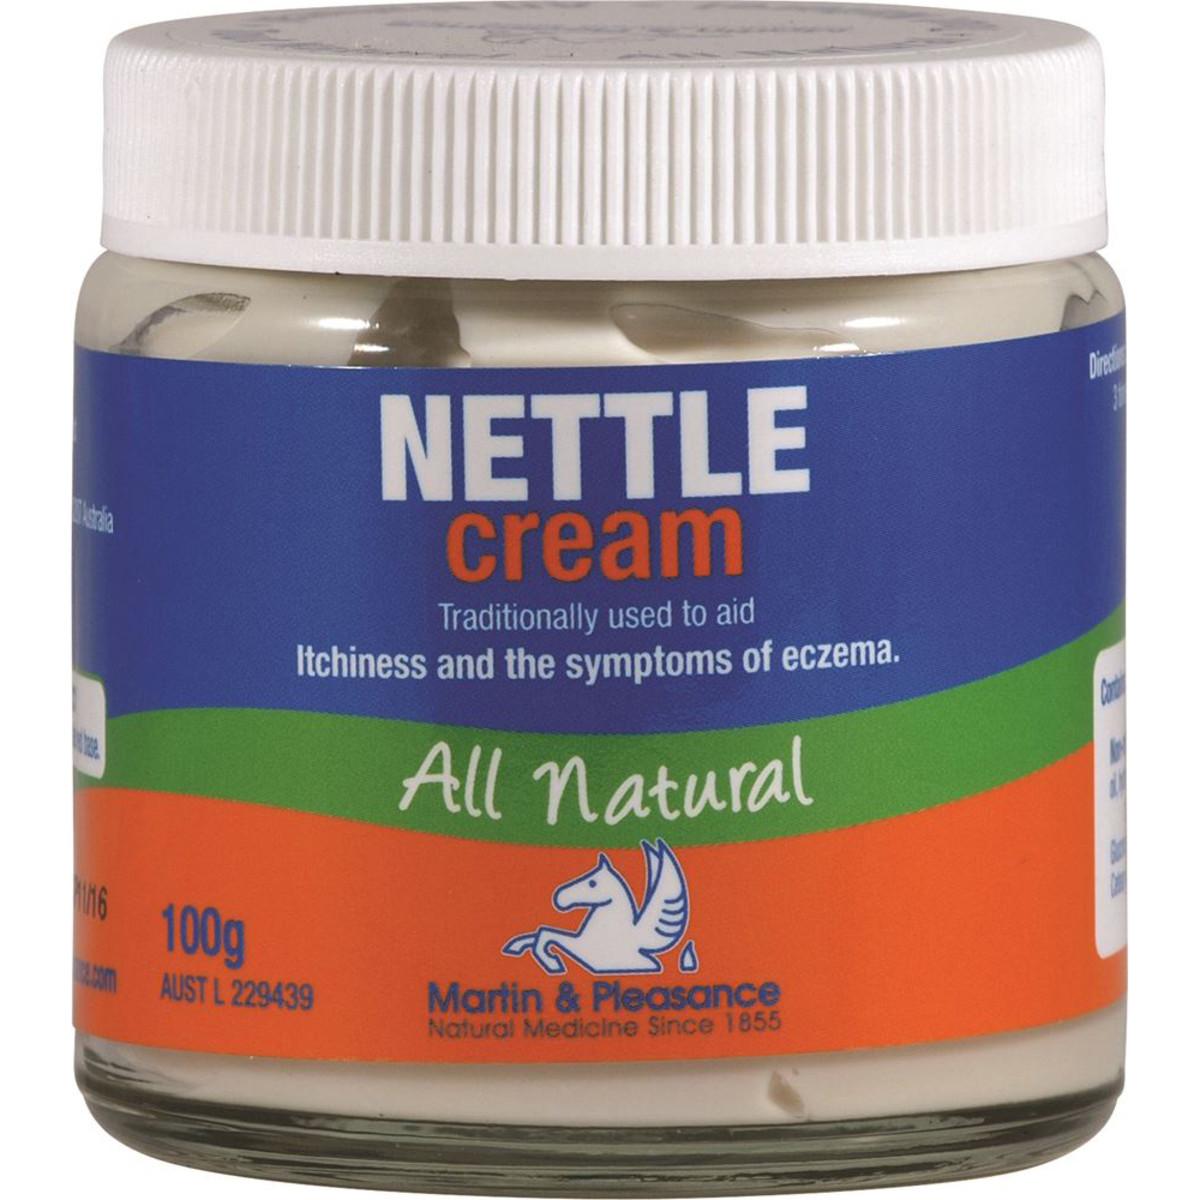 Image of Martin & Pleasance Nettle Urtica Urens Cream 100g